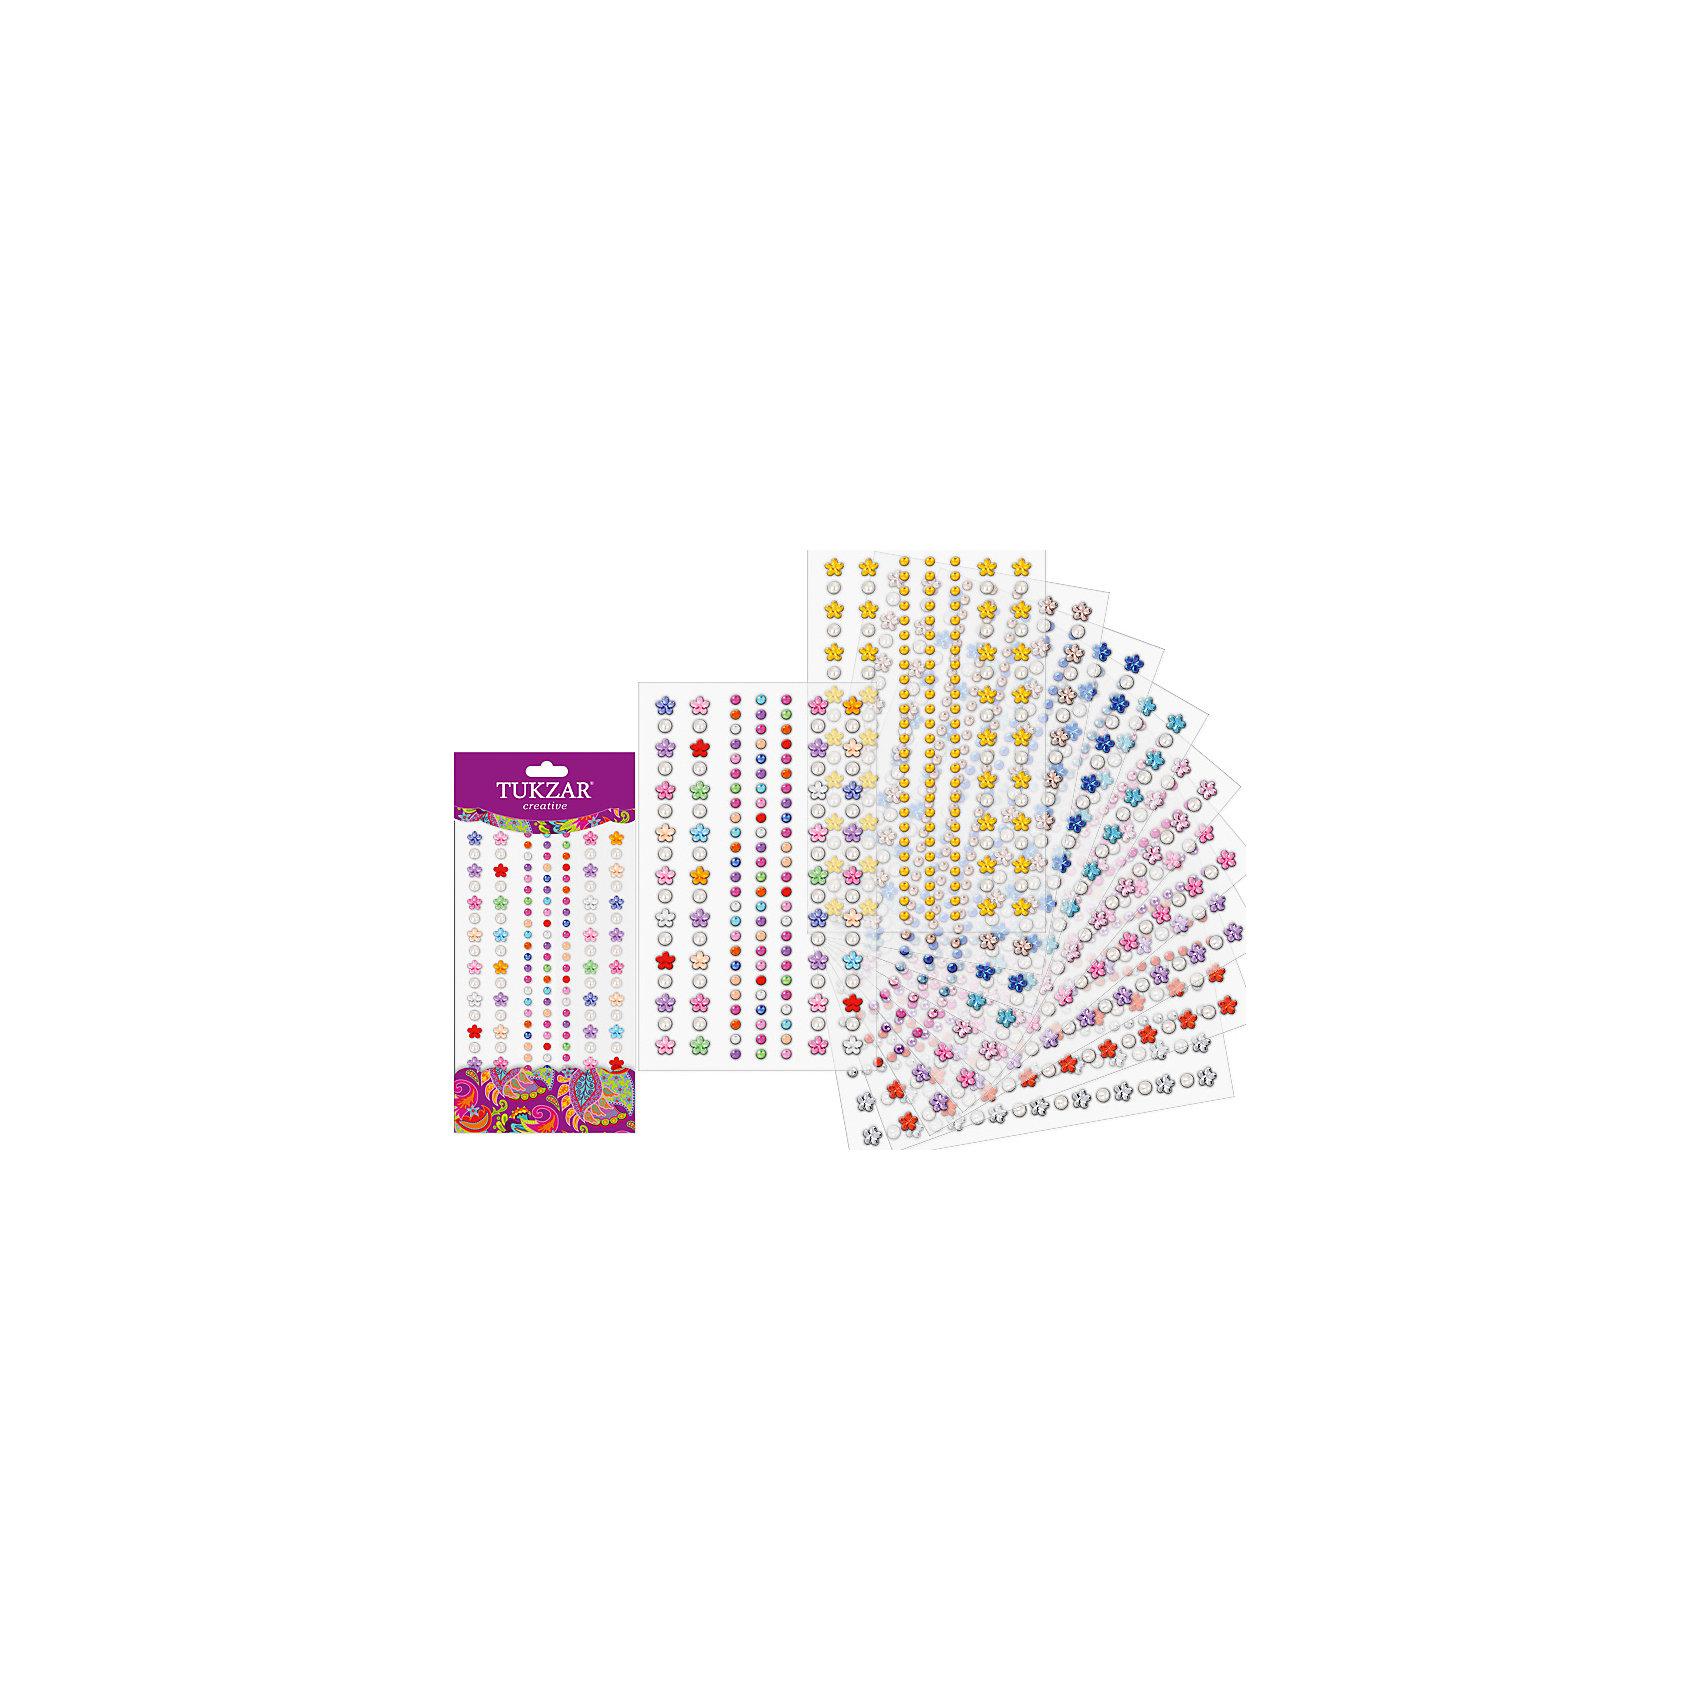 Акриловые наклейки-стразы и жемчуг Цветочки и кружочкиТворчество для малышей<br>Акриловые наклейки-стразы и жемчуг Цветочки и кружочки от известного торгового бренда канцелярских товаров и товаров для творчества TUKZAR. Наклейки-стразы можно использовать для оформления и декорирования ручных поделок, оформления подарочной упаковки или в качестве стильного аксессуара для маскарадного костюма. Набор включает в себя различные по цвету стразы в форме кружочков и цветочков разного цвета, что позволит создать любые авторские узоры.<br><br>Дополнительная информация:<br><br>- Предназначение: для творческих занятий, оформительских работ и декорирования<br>- Материал: акрил<br>- Комплектация: наклейки-стразы в форме кружлчкв и цветочков<br>- Размеры (Д*Ш): 10*23 см<br>- Упаковка: блистер<br><br>Подробнее:<br><br>• Для детей в возрасте: от 5 лет <br>• Страна производитель: Китай<br>• Торговый бренд: TUKZAR<br><br>Акриловые наклейки-стразы и жемчуг Цветочки и кружочки можно купить в нашем интернет-магазине.<br><br>Ширина мм: 100<br>Глубина мм: 230<br>Высота мм: 10<br>Вес г: 50<br>Возраст от месяцев: 36<br>Возраст до месяцев: 144<br>Пол: Женский<br>Возраст: Детский<br>SKU: 5001404